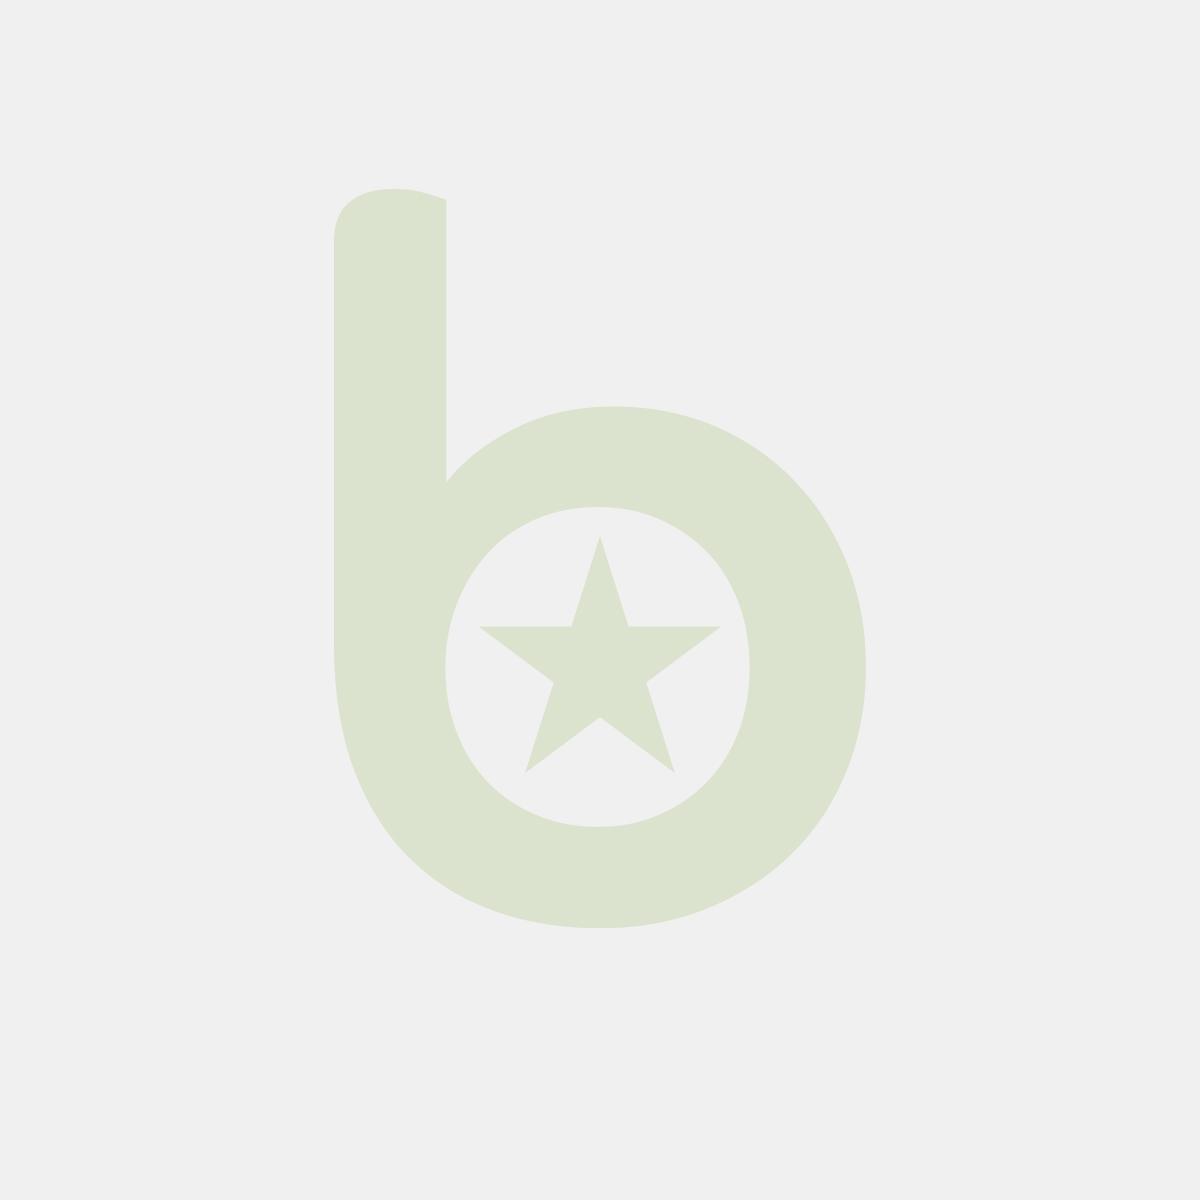 Kubek COLOR PS 200ml, POMARAŃCZOWY, cena za opakowanie 100szt